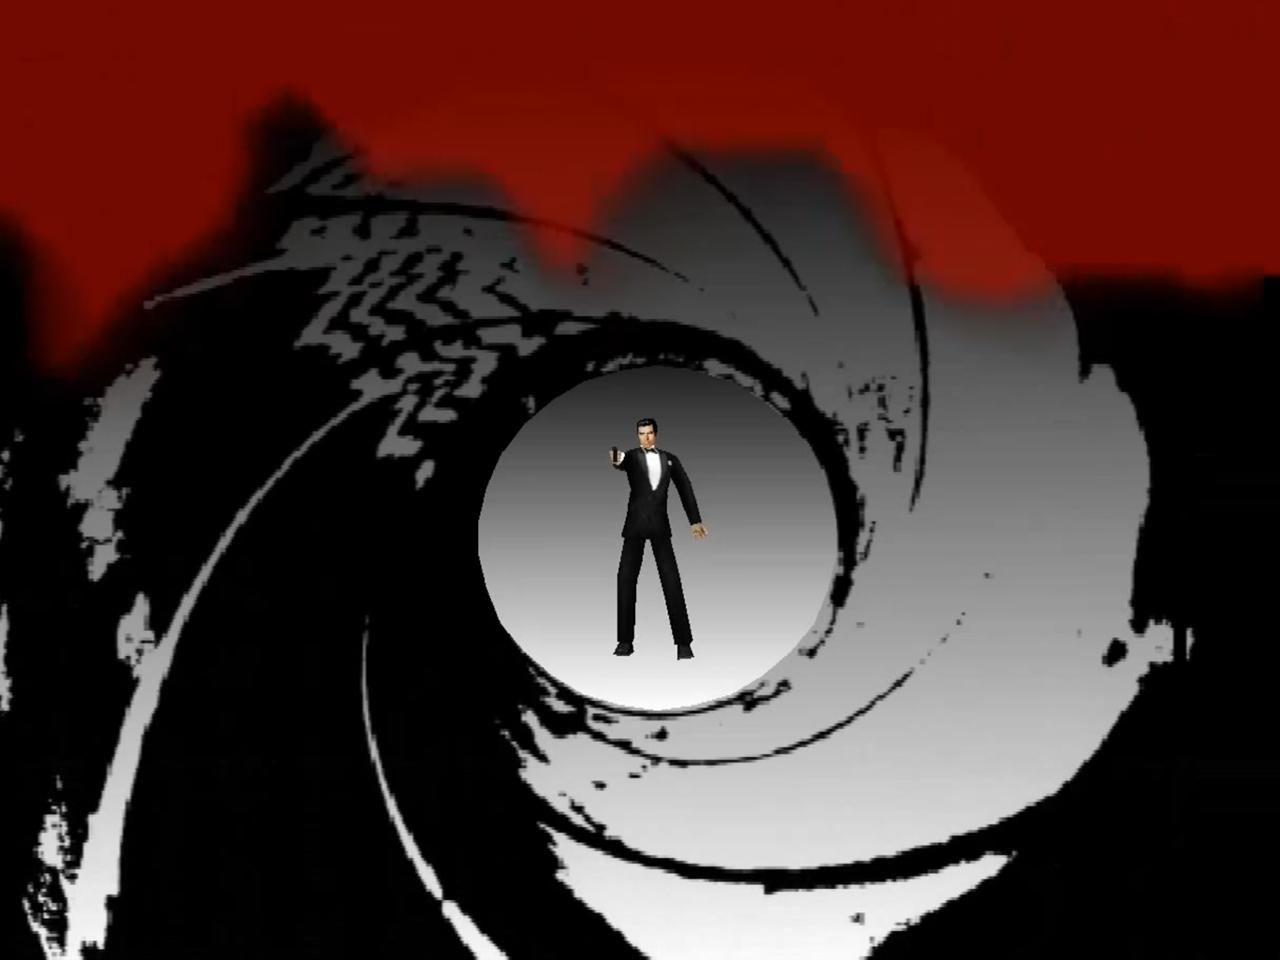 g-007-gun-barrel